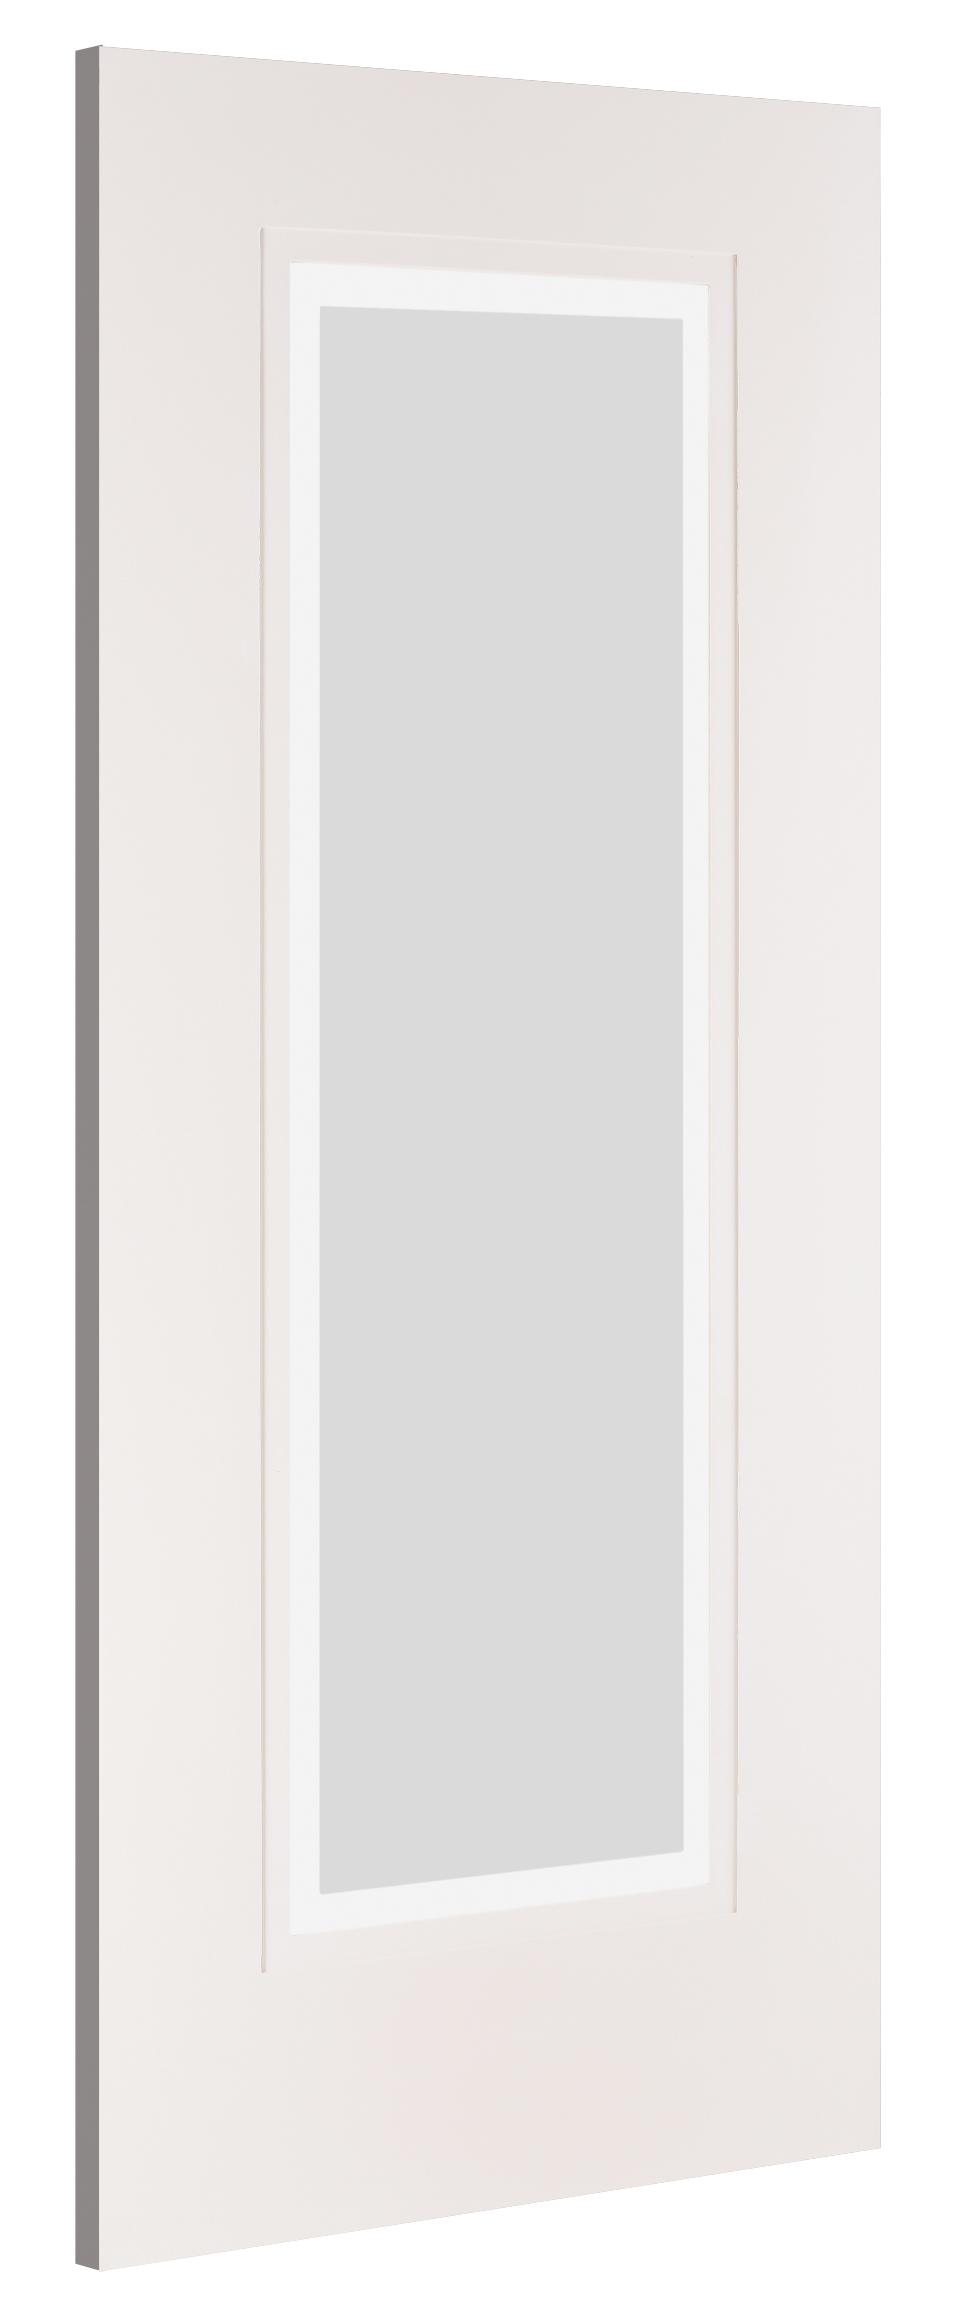 Primed Doors NM11GF